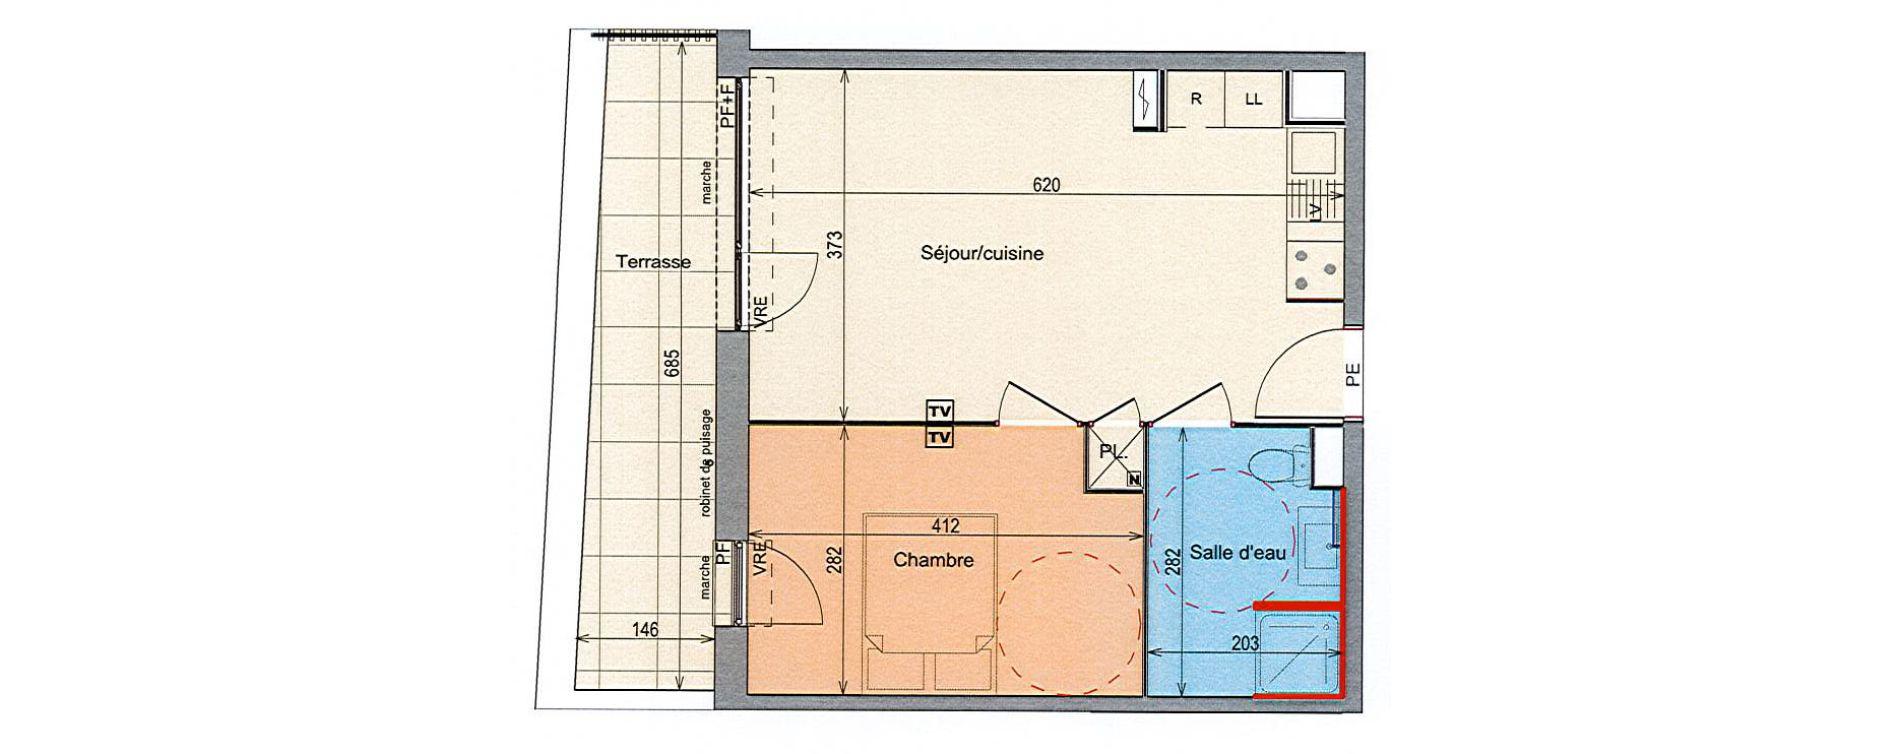 Appartement T2 de 39,56 m2 à Grabels La valsière